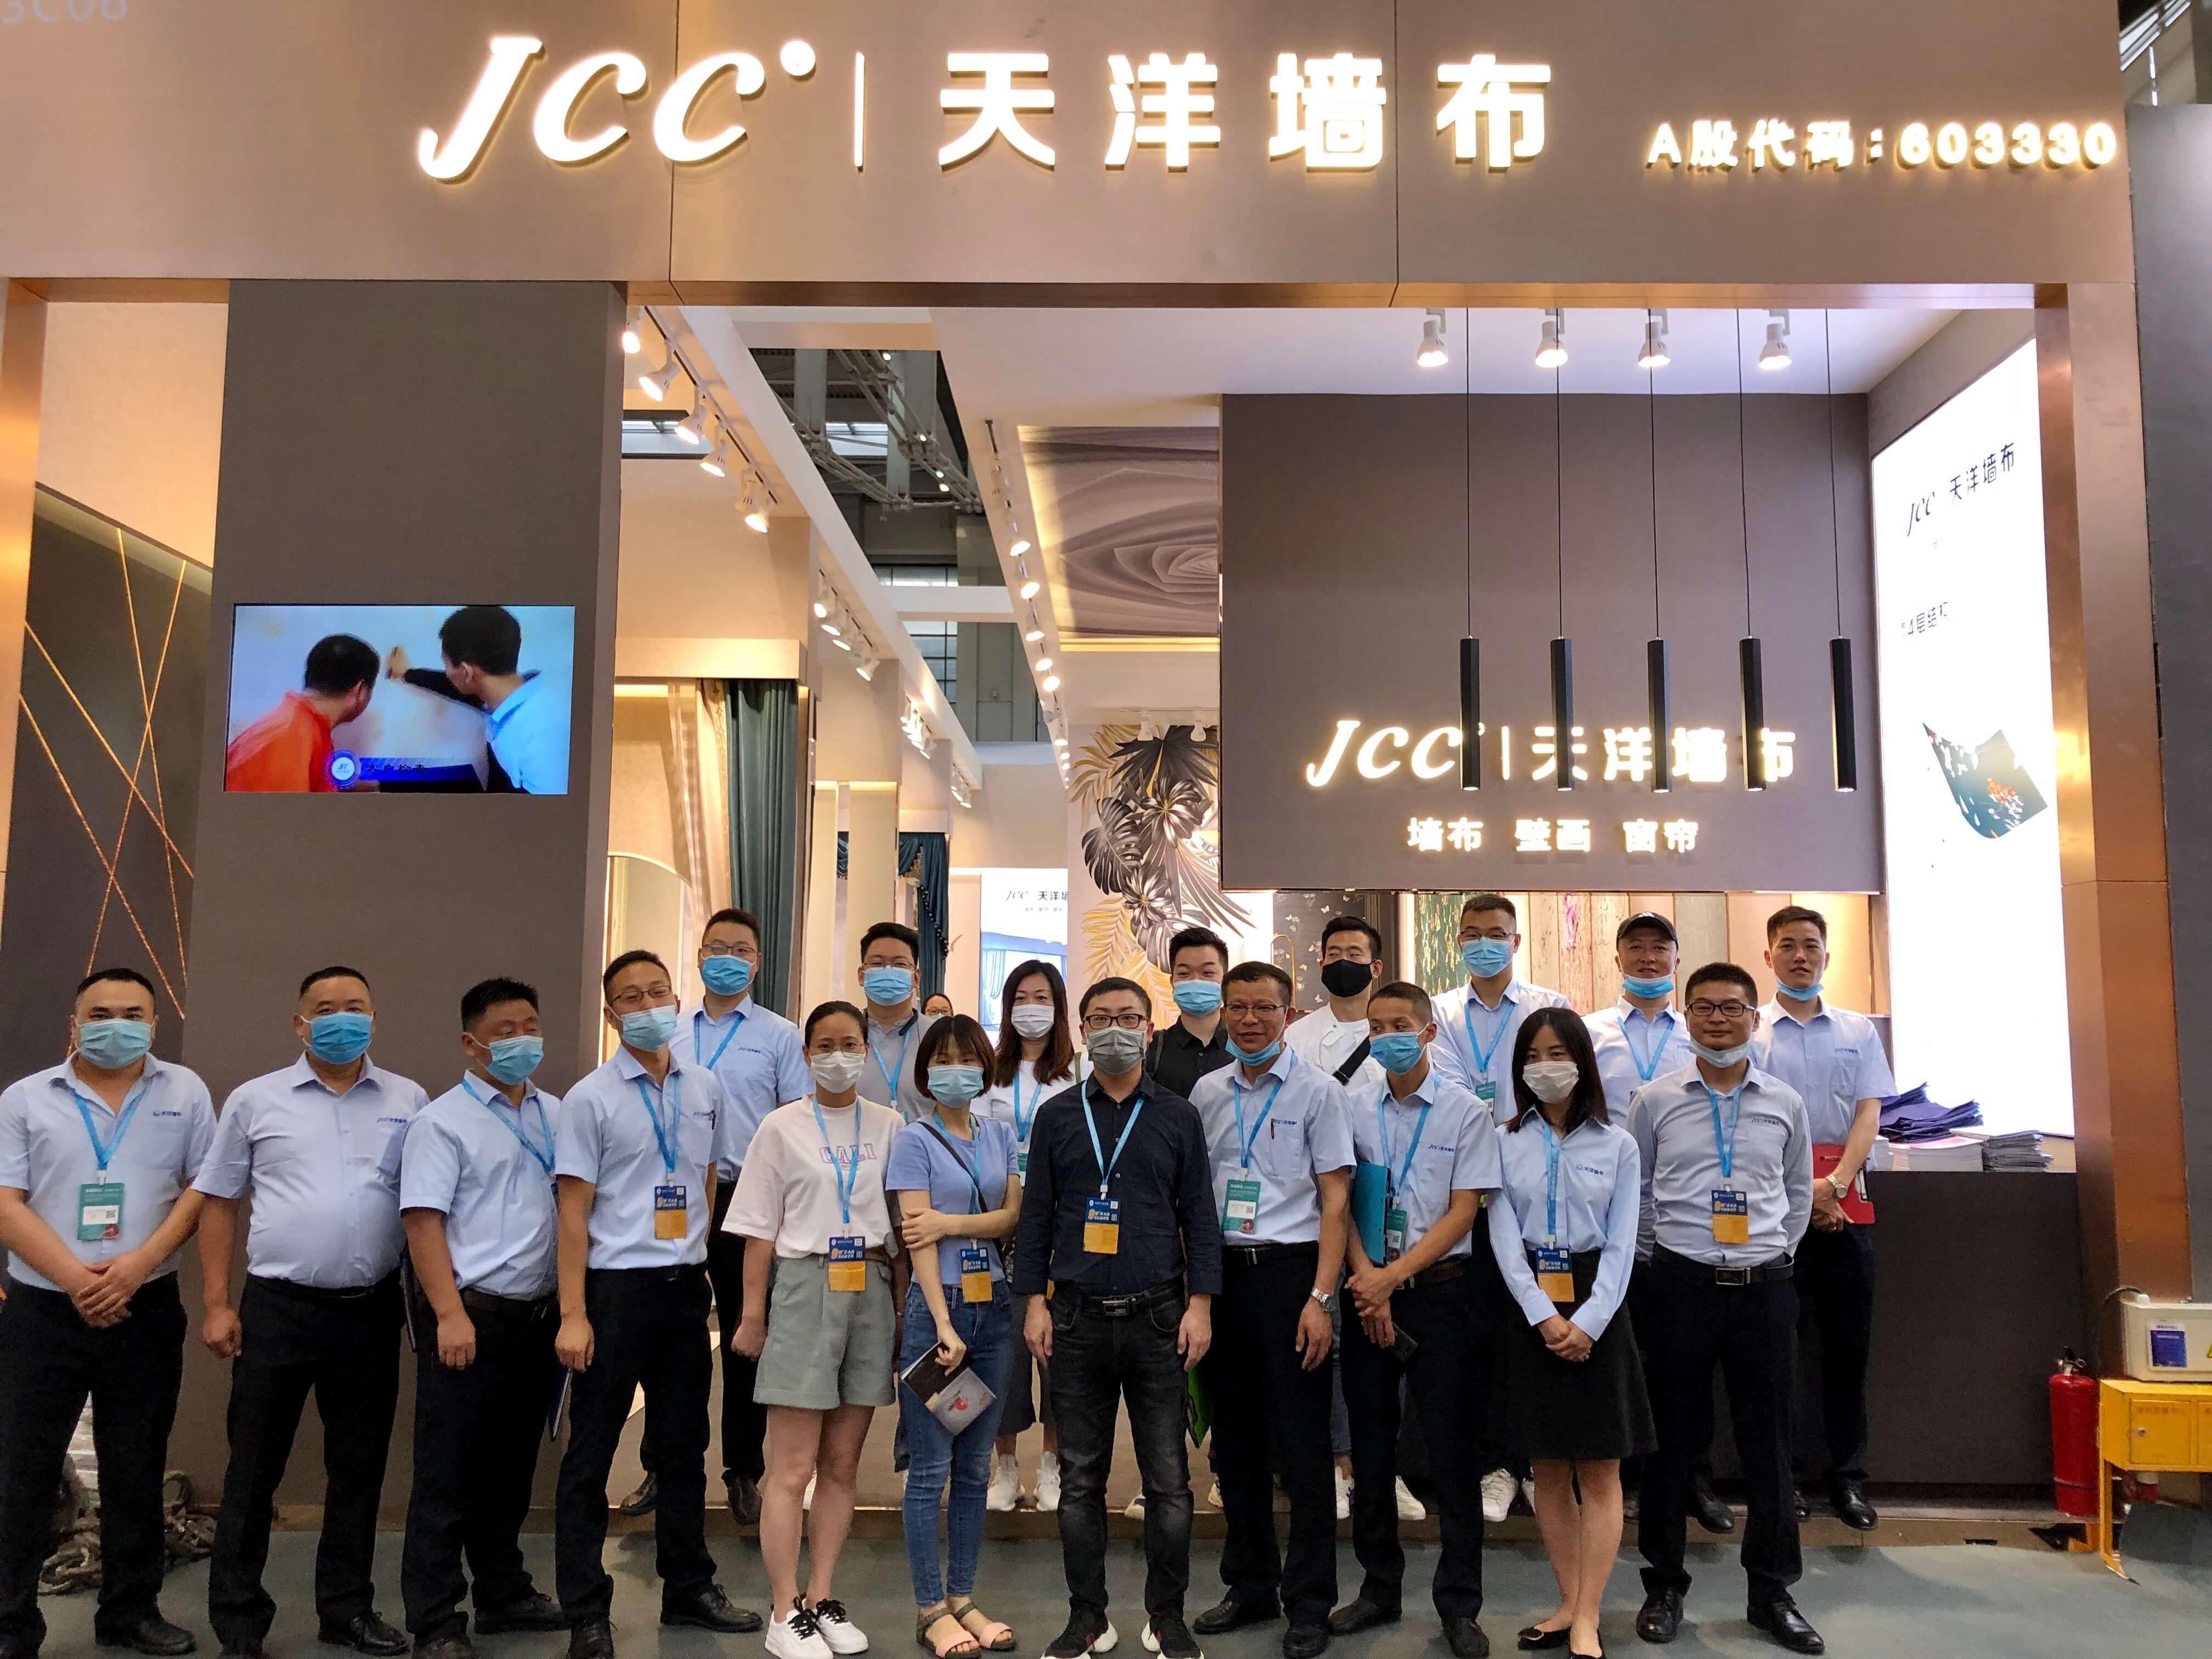 JCC天洋深圳展员工